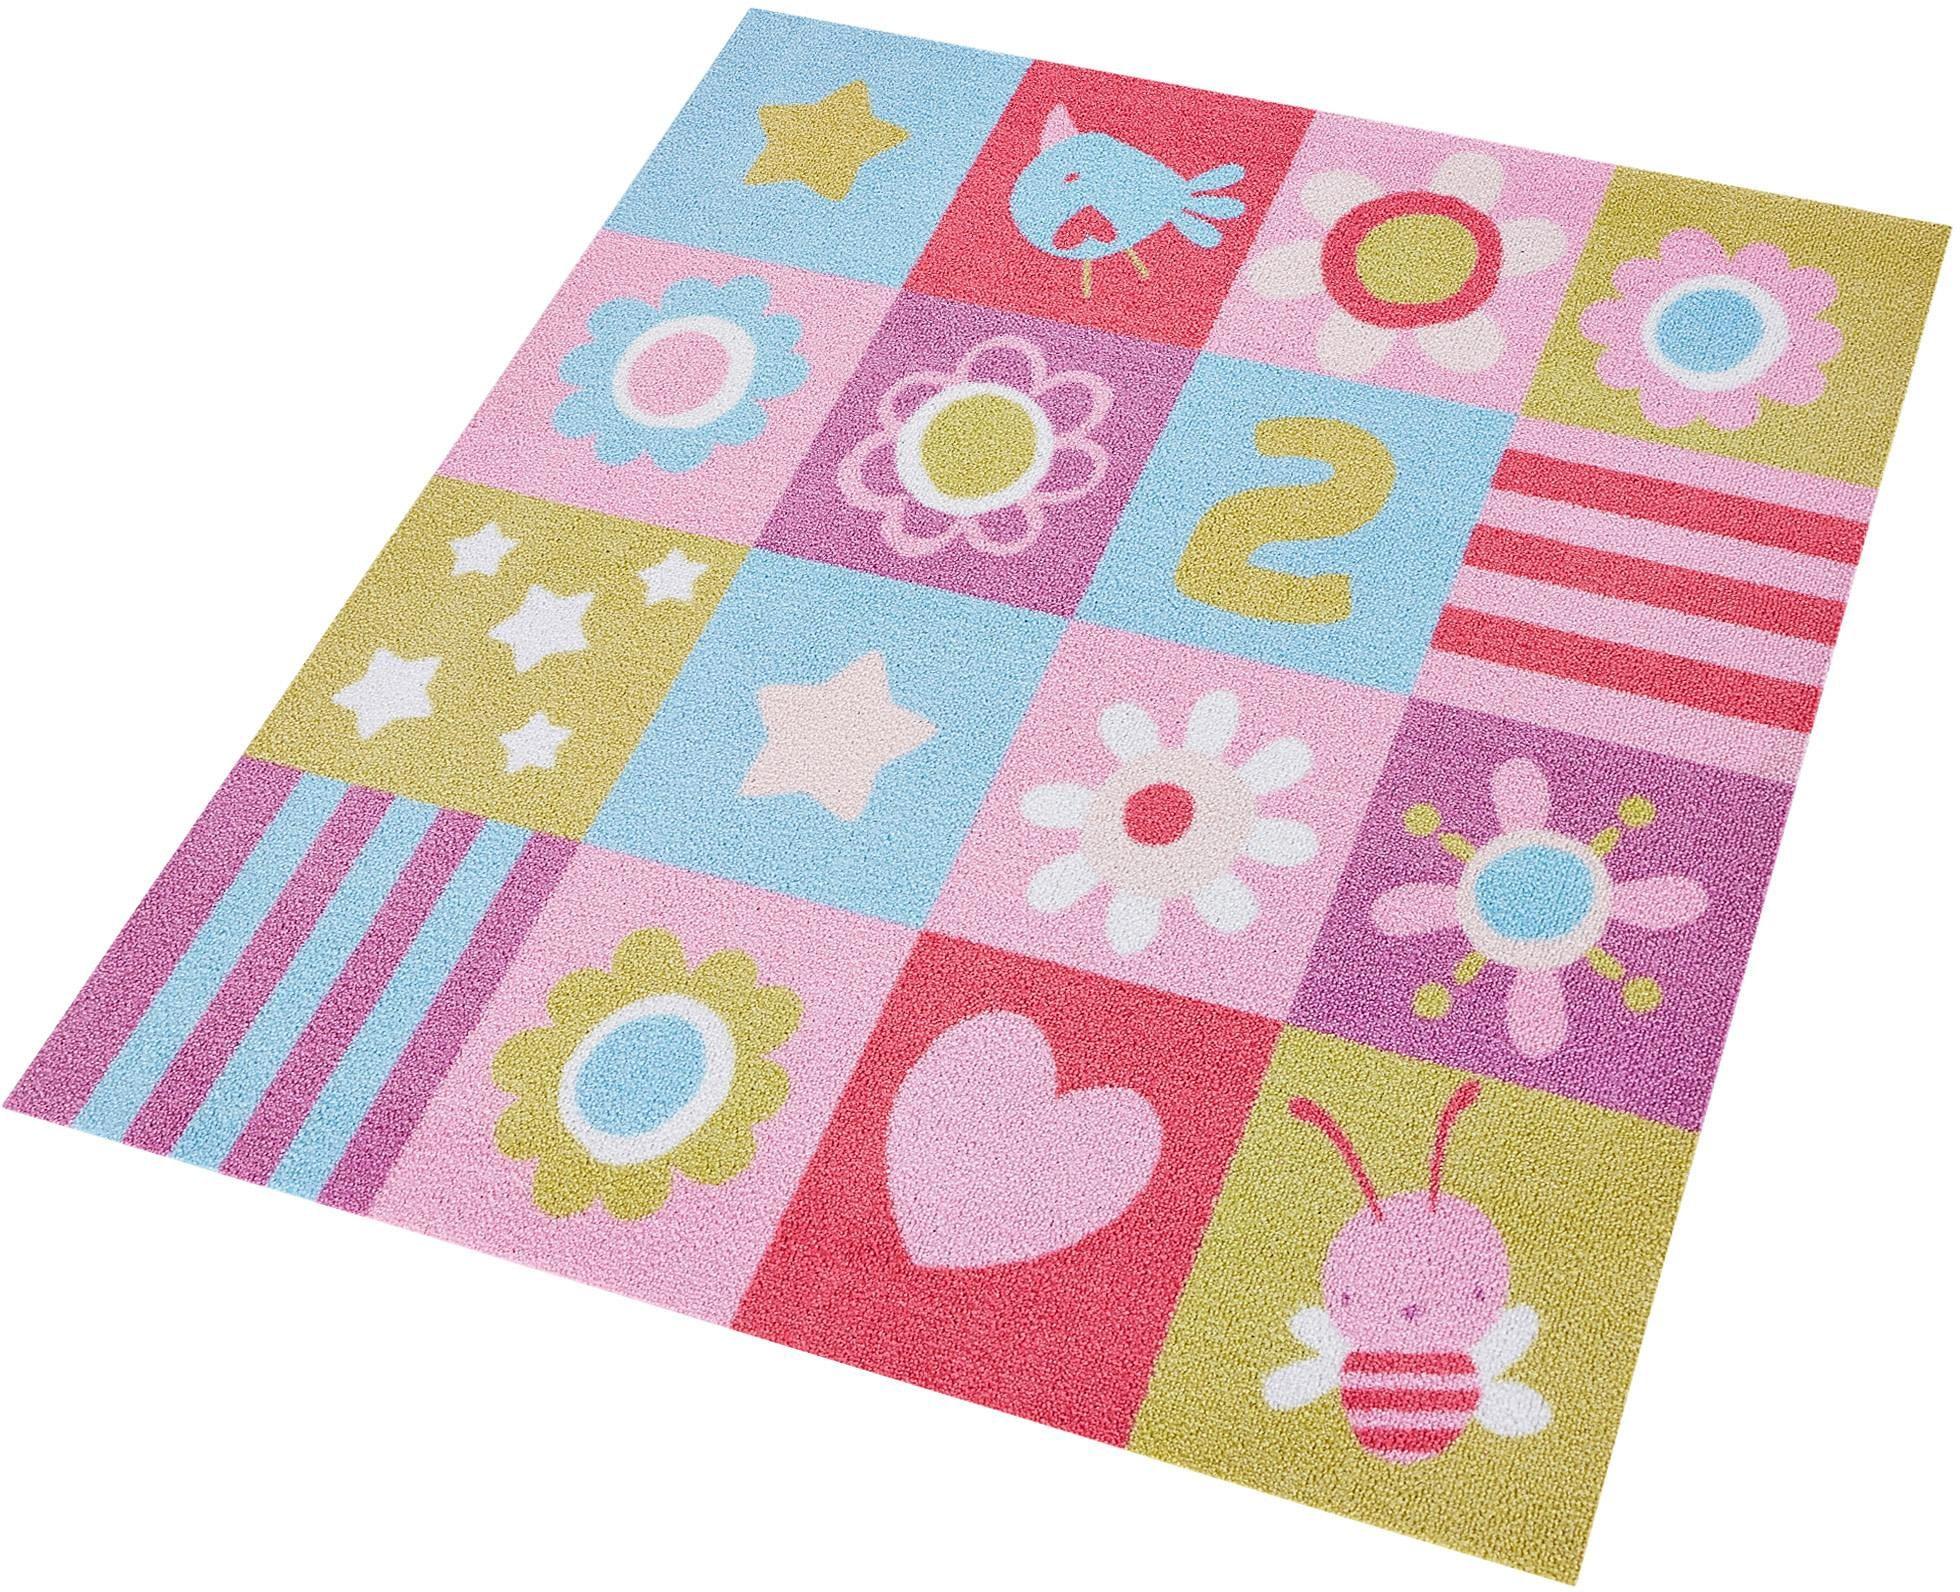 Kinder-Teppich, Zala Living, »Flower Patchwork«, getuftet